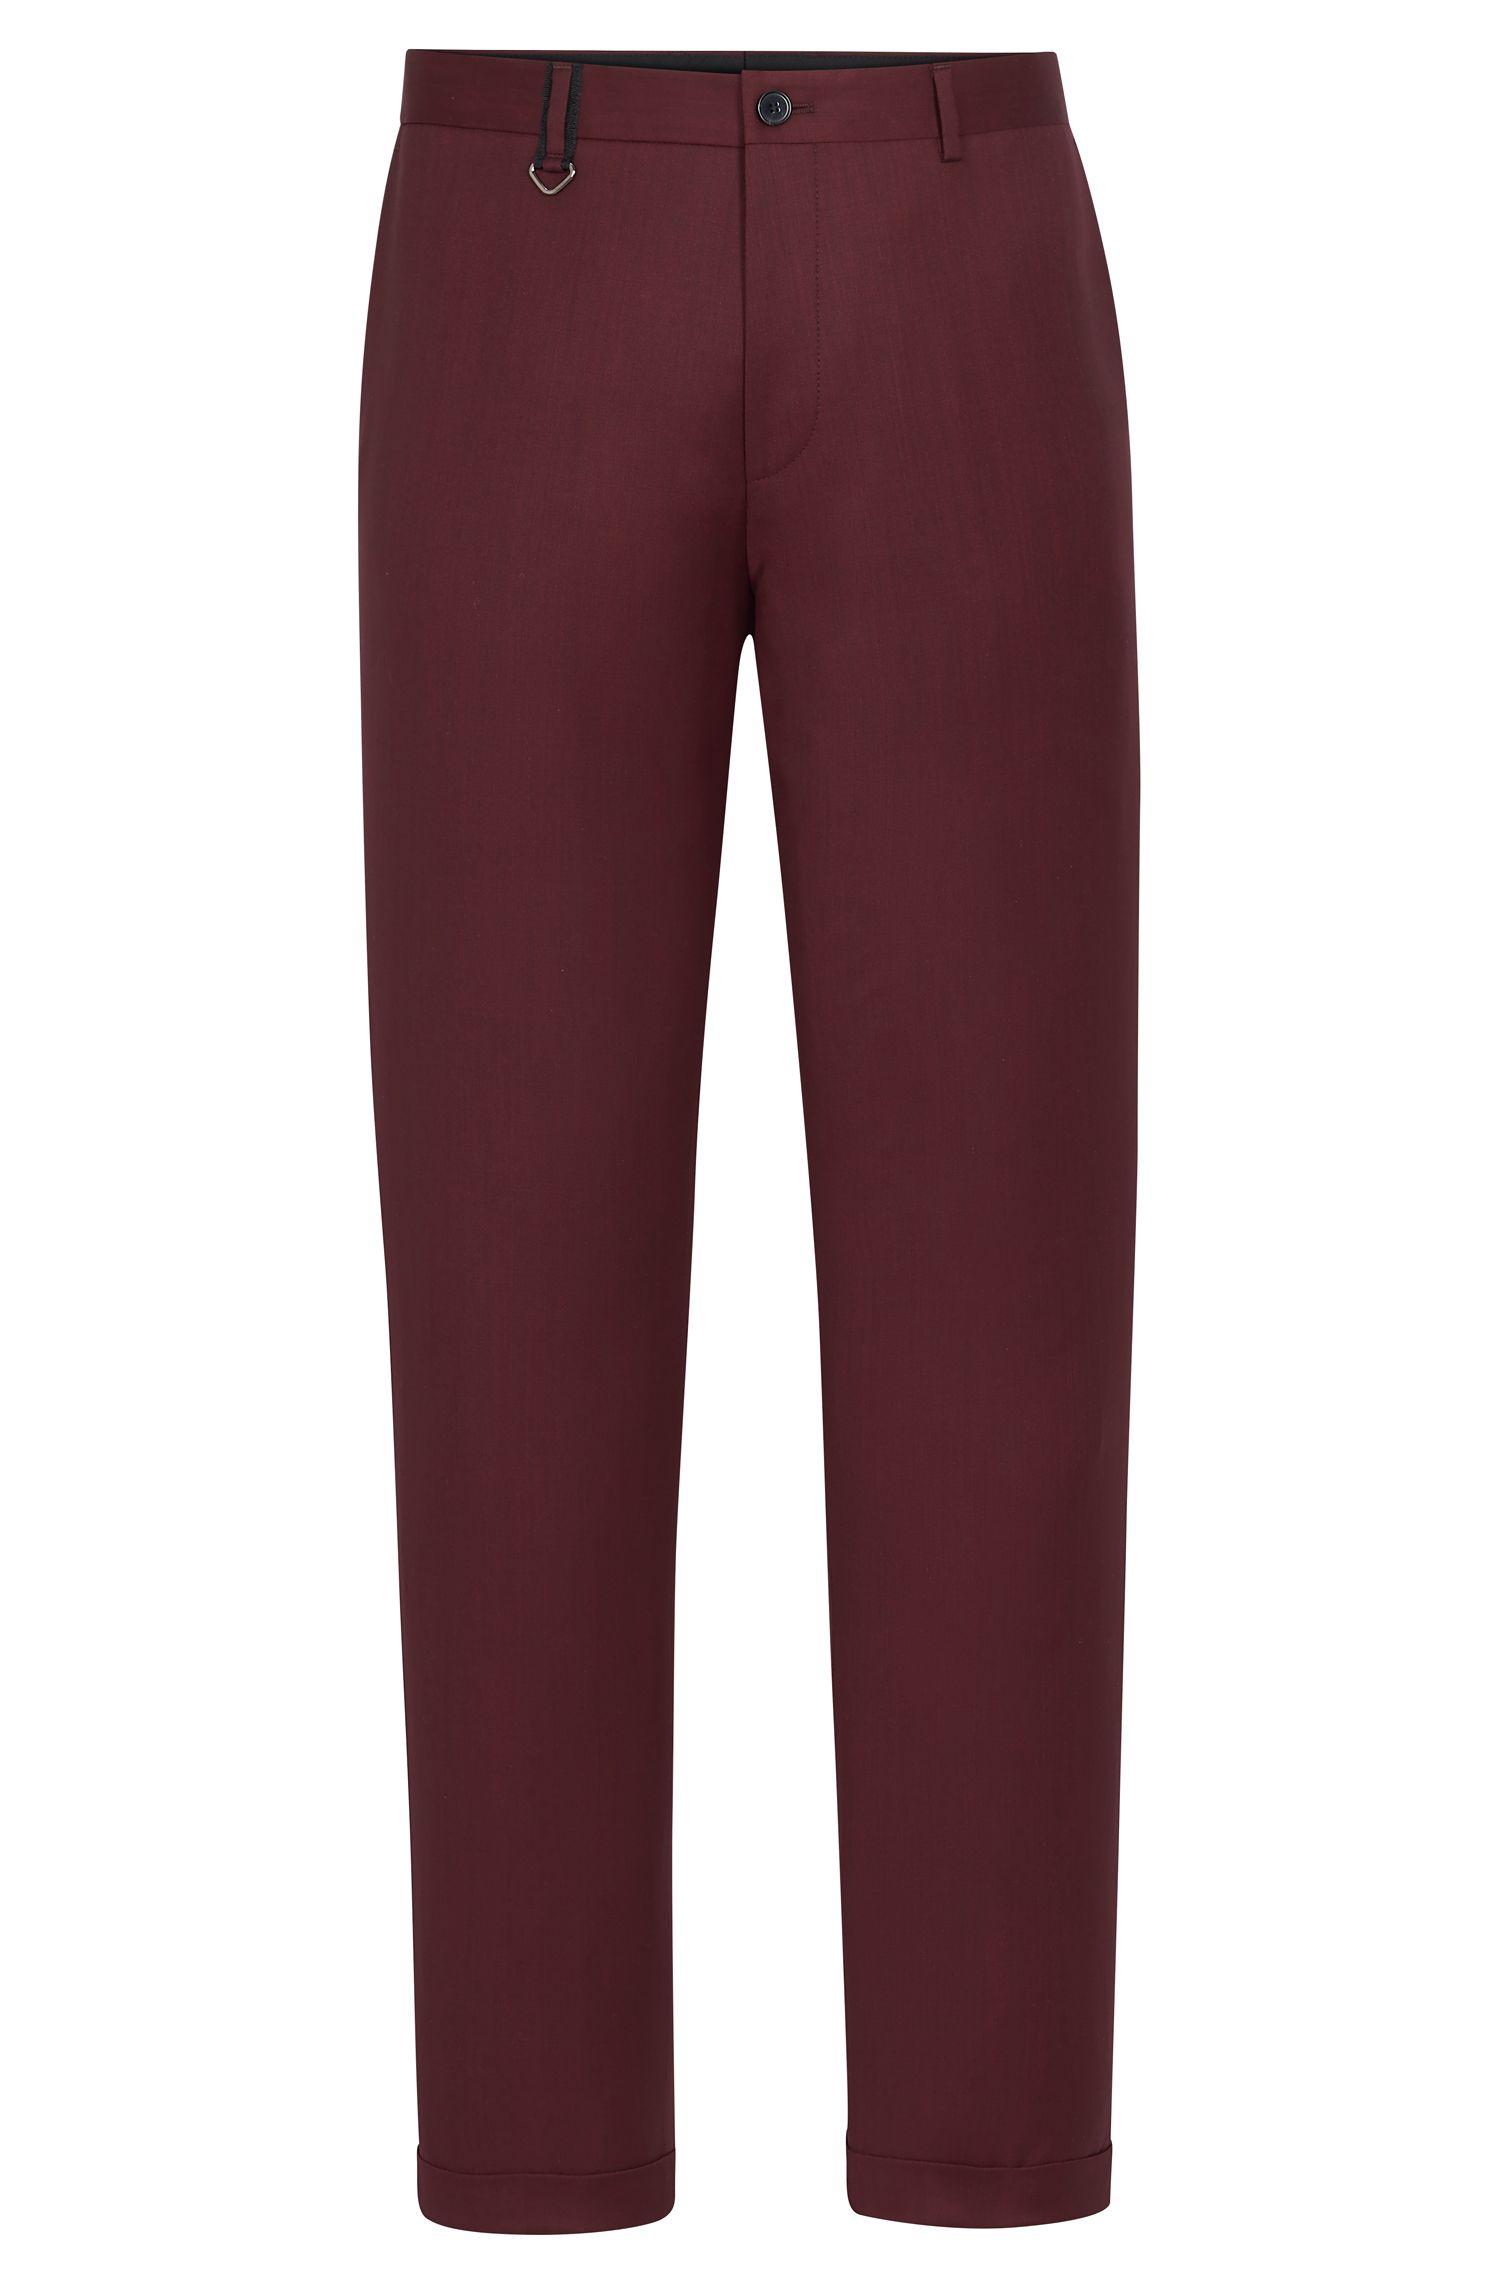 Virgin Wool Dress Pant, Slim Fit | Hielson